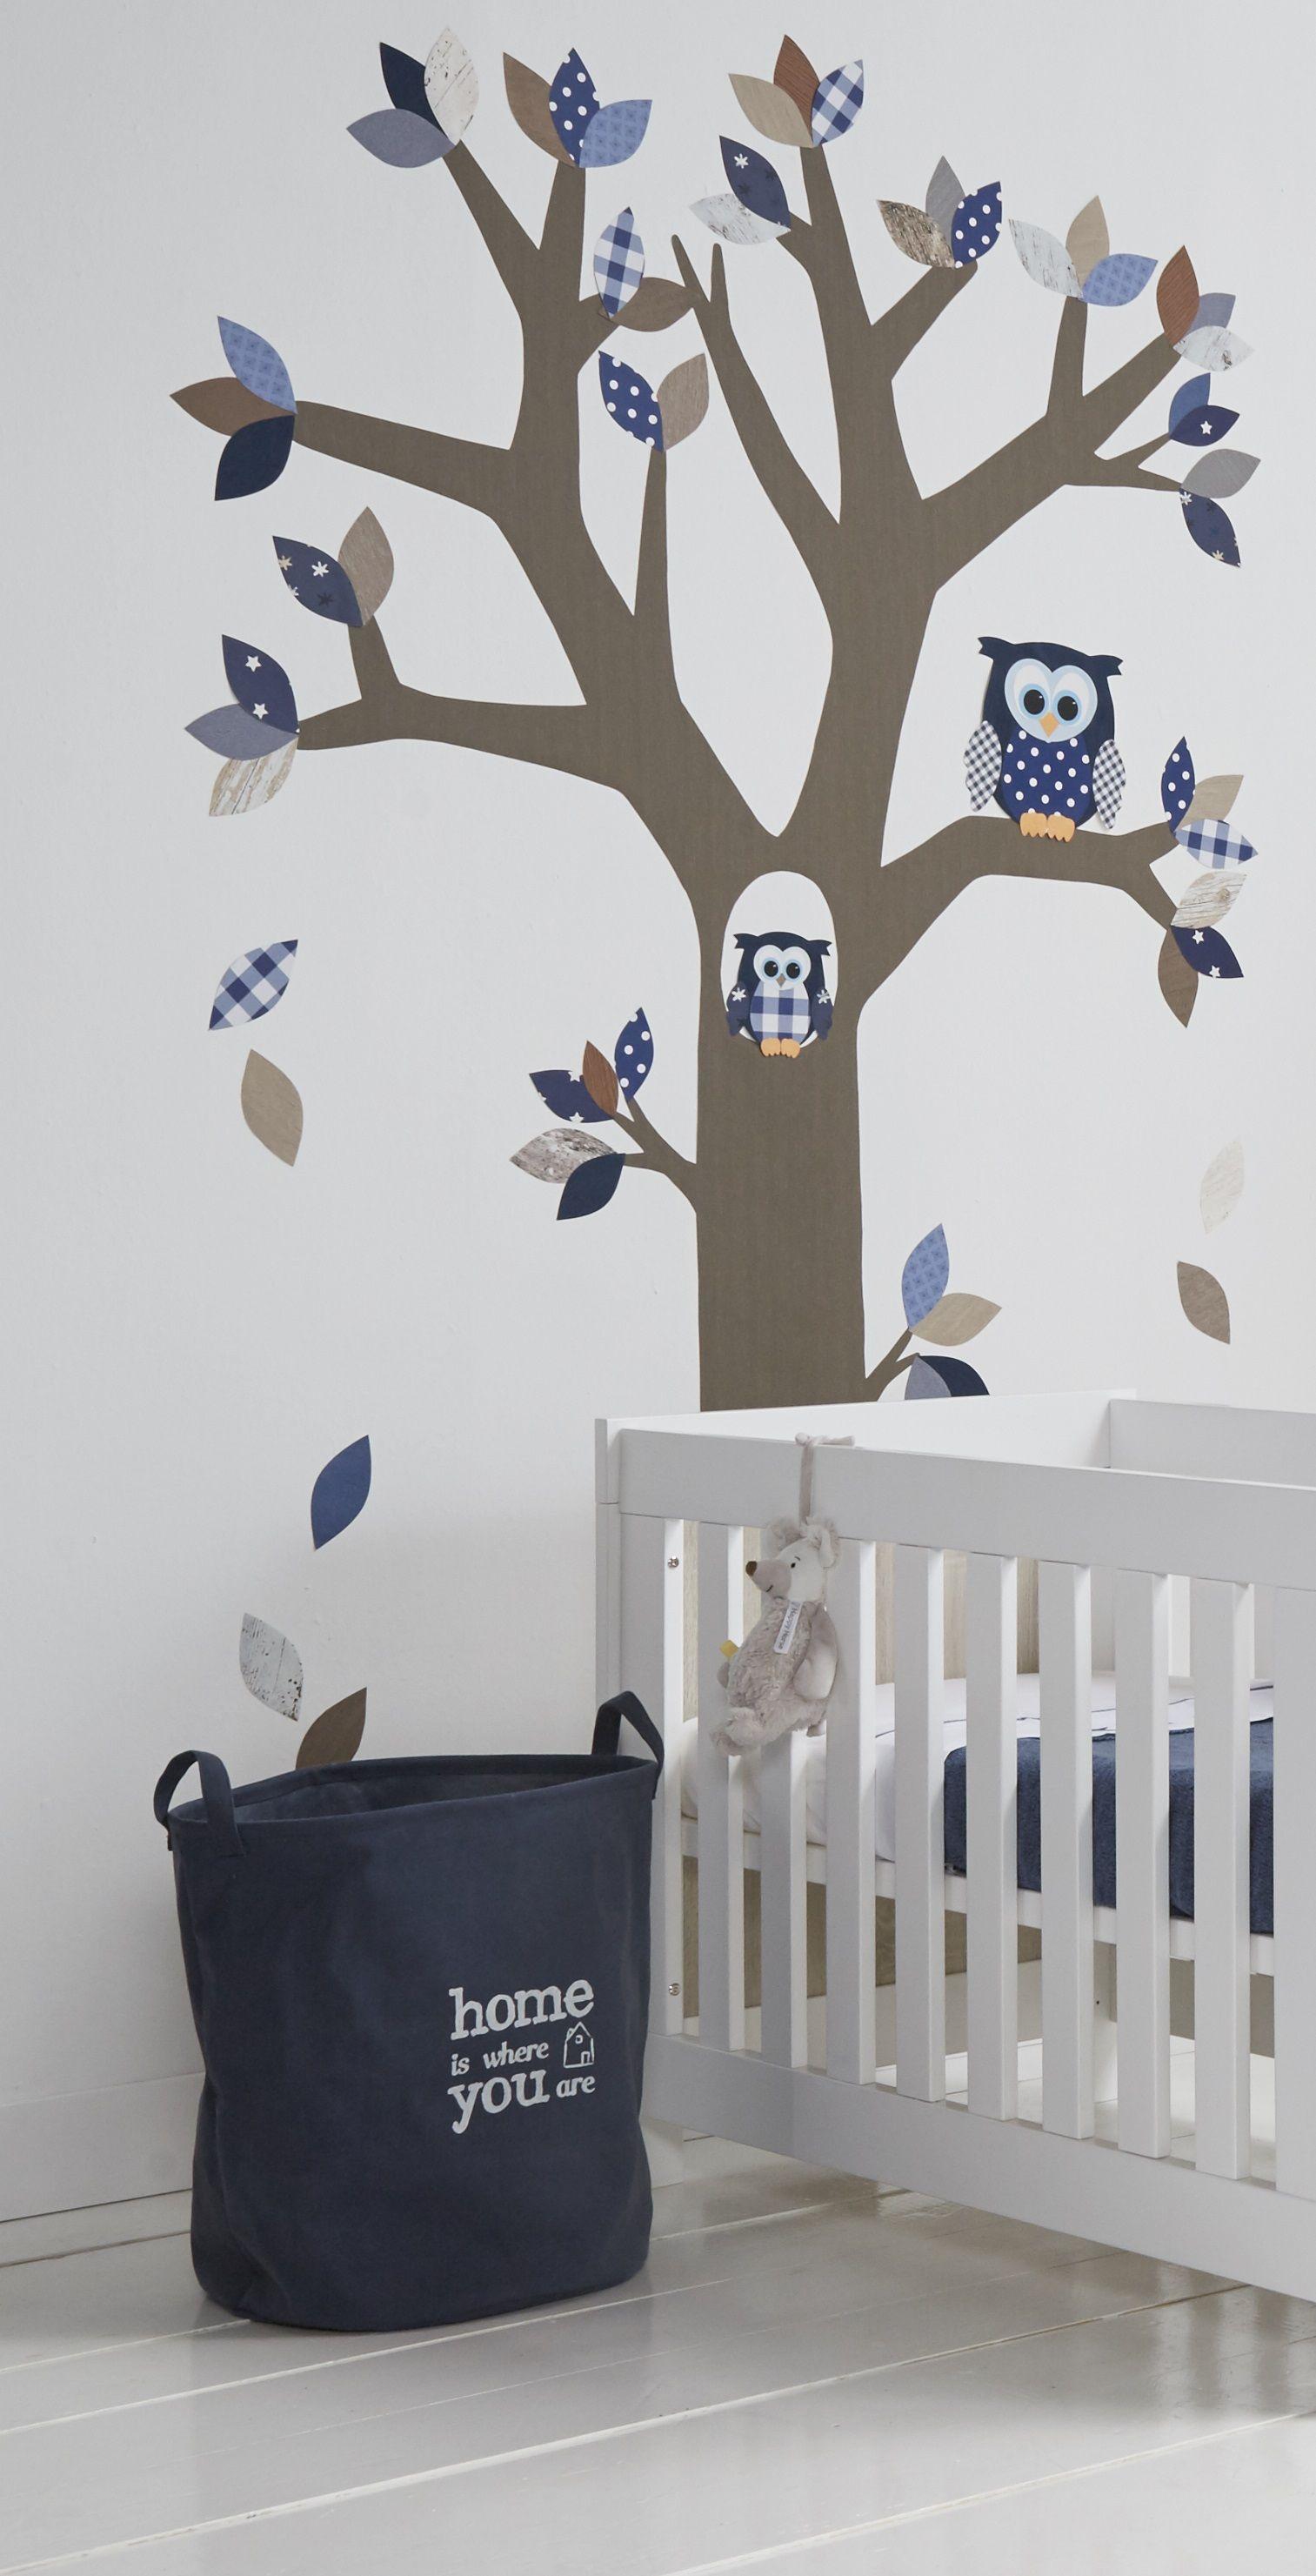 Baby Behang Boom.Behangboom Met Uil Muurdecoratie Kinderkamer Babykamer Www